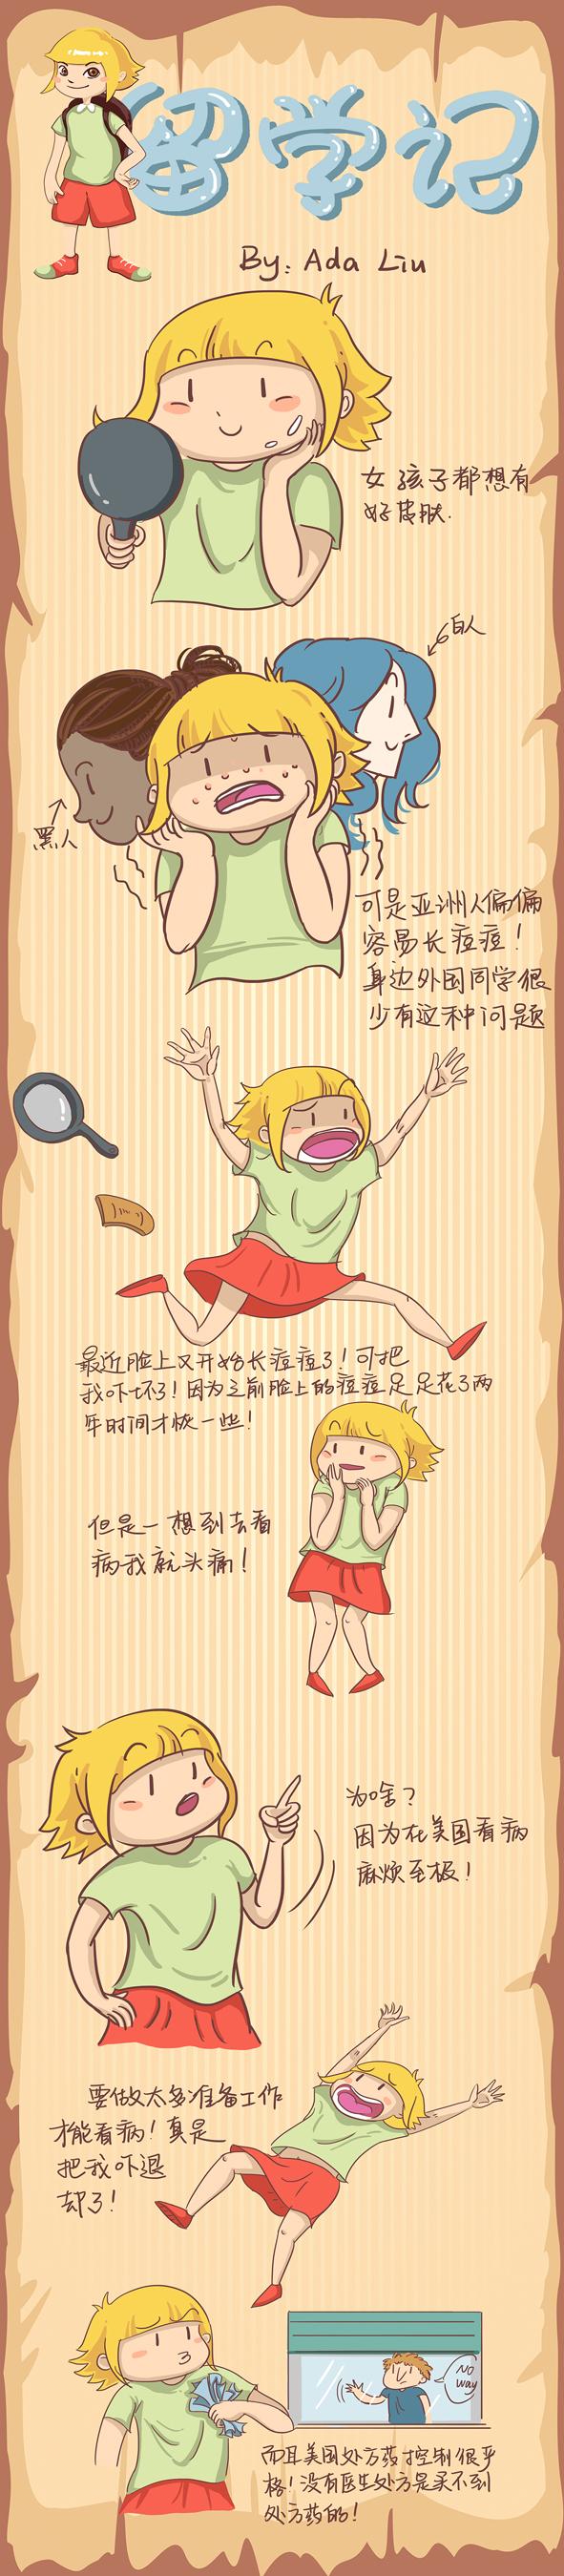 查看《留学记漫画连载——痘痘与医保1》原图,原图尺寸:591x2699